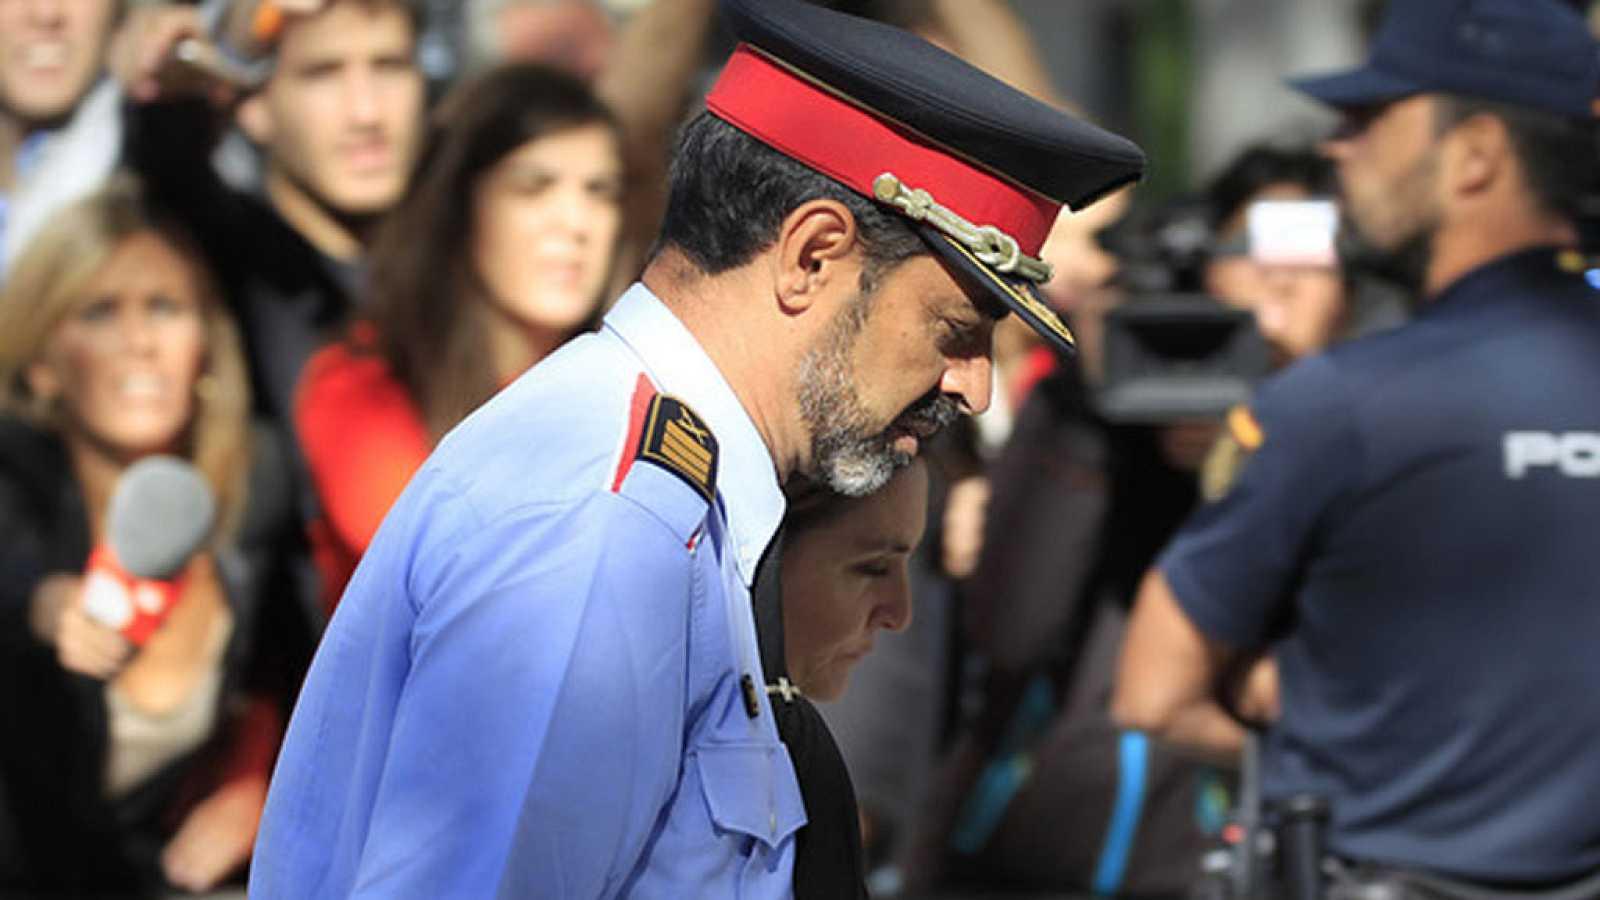 Un informe de la Guardia Civil acusa a Trapero de inacción flagrante en la jornada del 1-O